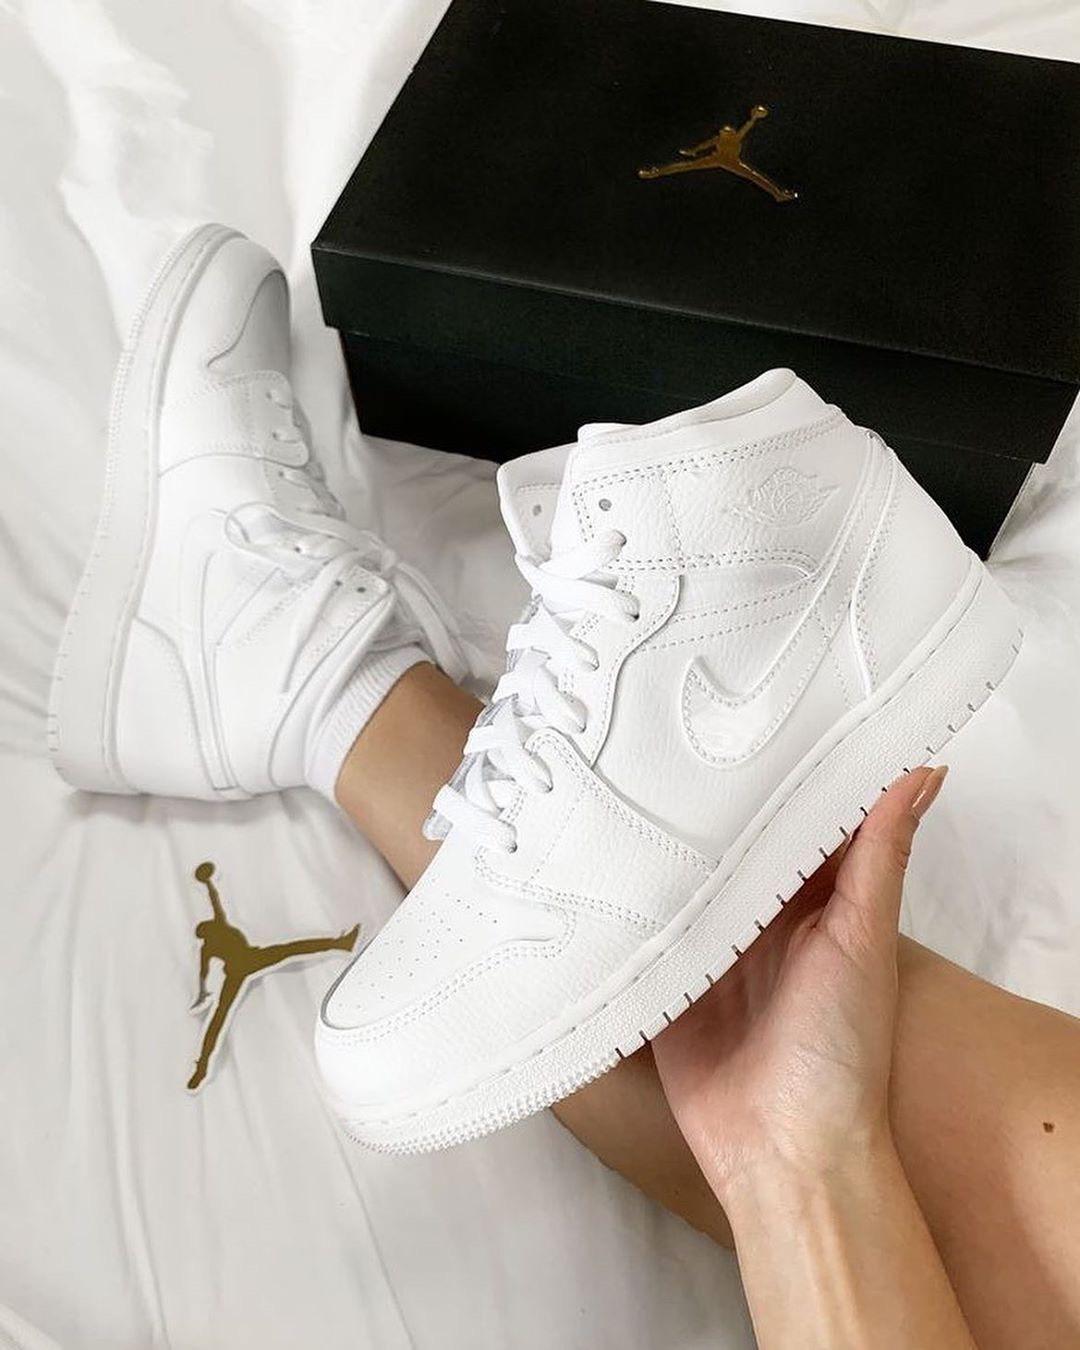 Hàng chính hãng Jordan 1 Mid All White 554725126 554725130 bq6472110 554725110